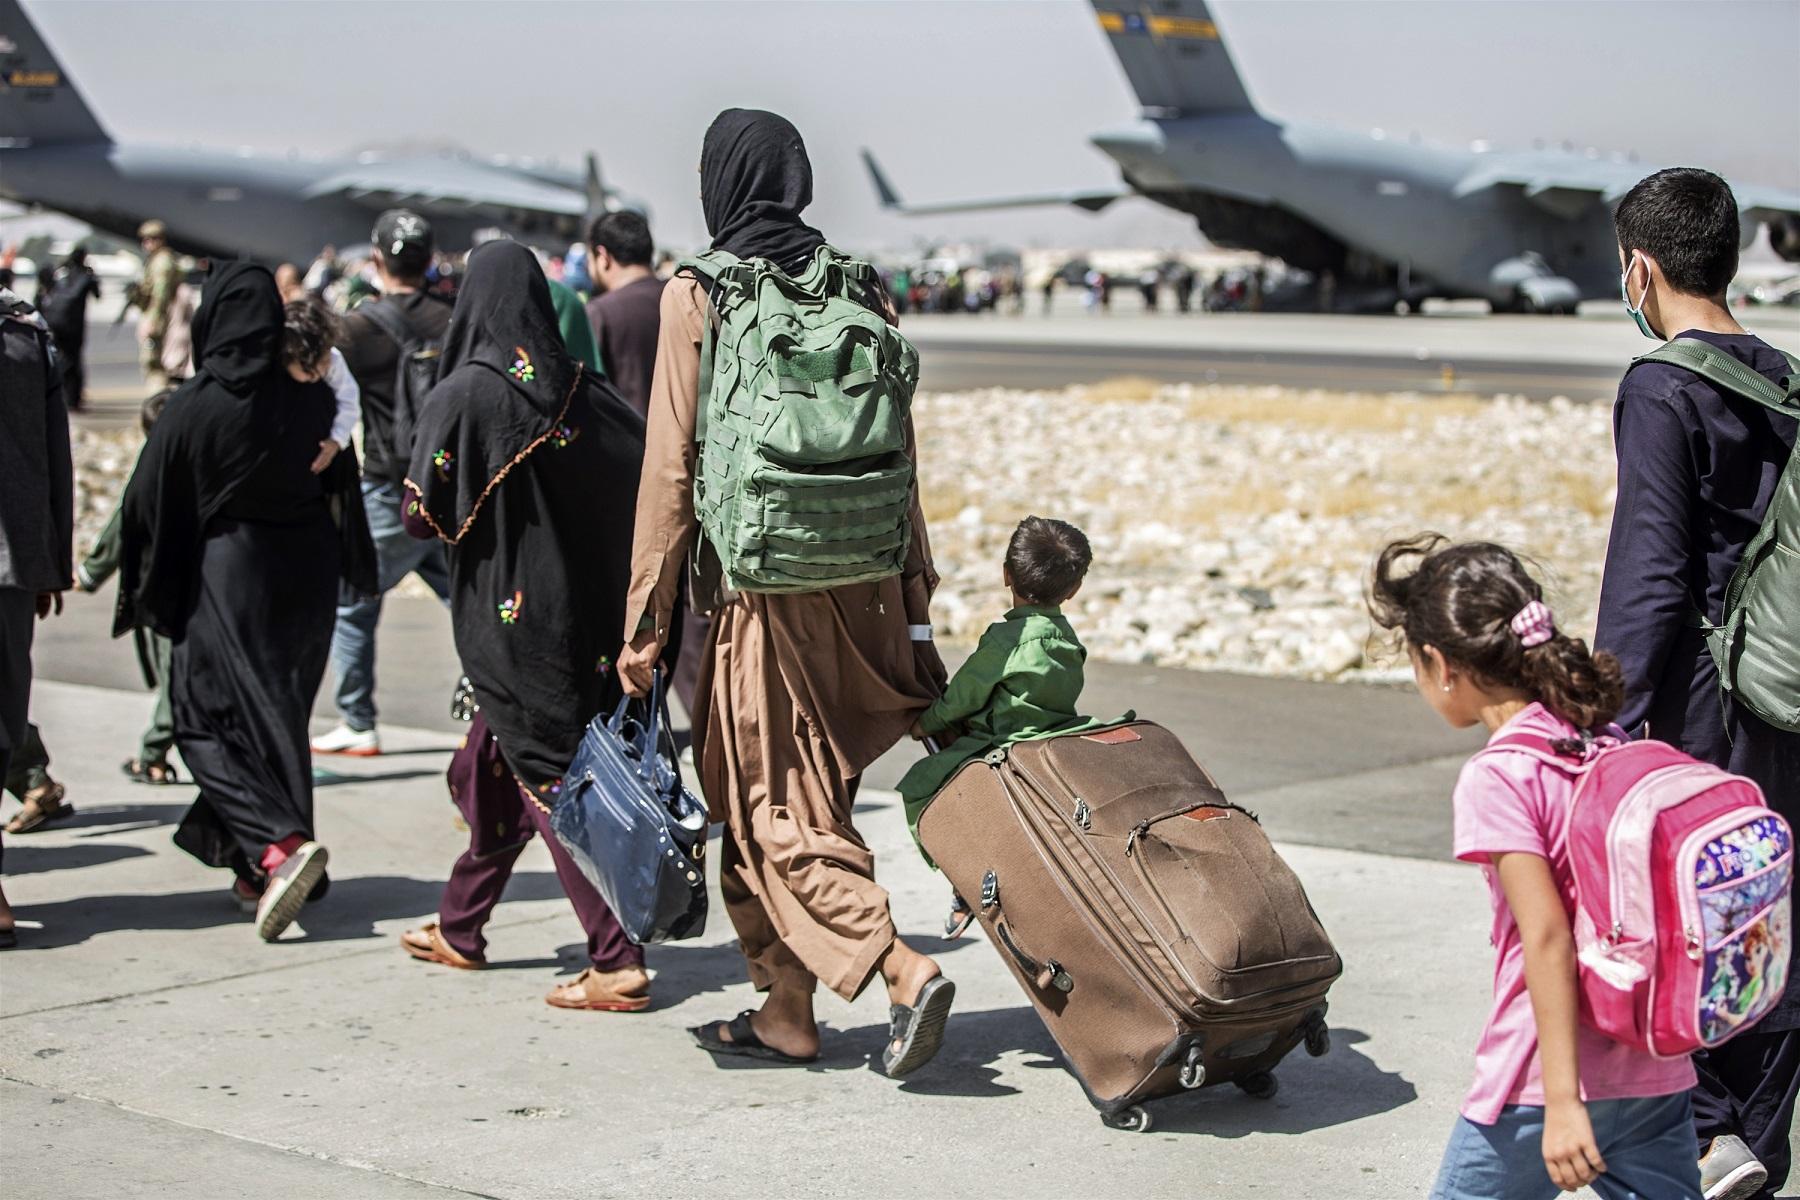 Τρόφιμα Αφγανιστάν: Στα πρόθυρα της ανθρωπιστικής «καταστροφής» λόγω επισιτιστικής ανασφάλειας